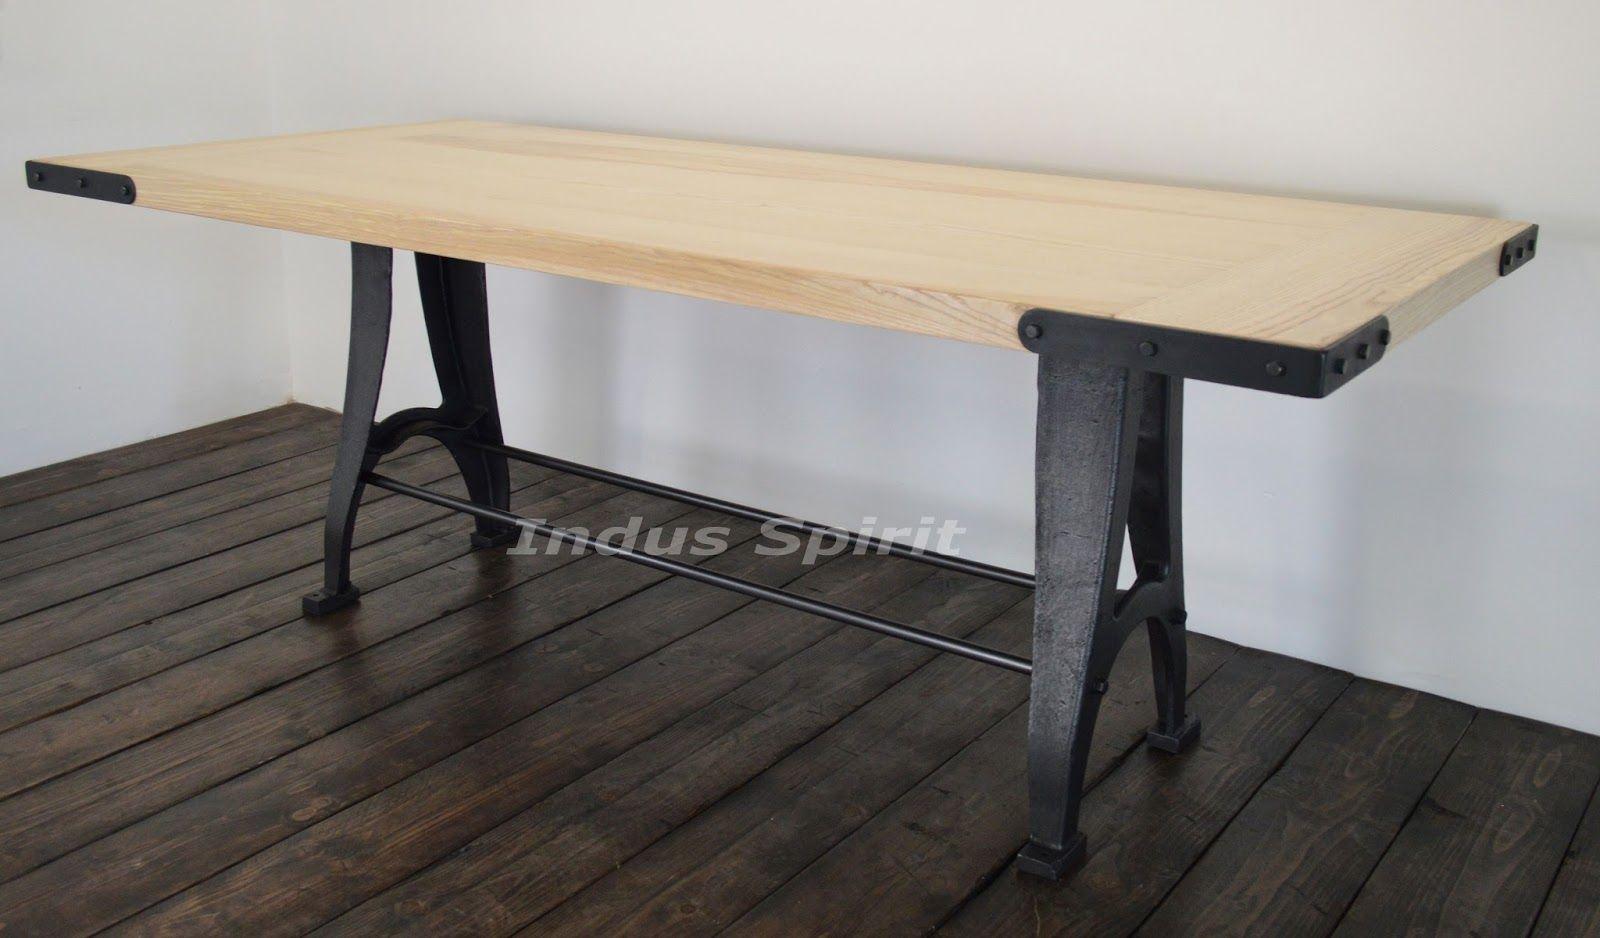 Meuble Industriel Decoration Industrielle Meuble De Metier A Lyon Boutique Indus Spirit Table Design Industriel Table Design Design Industriel Design